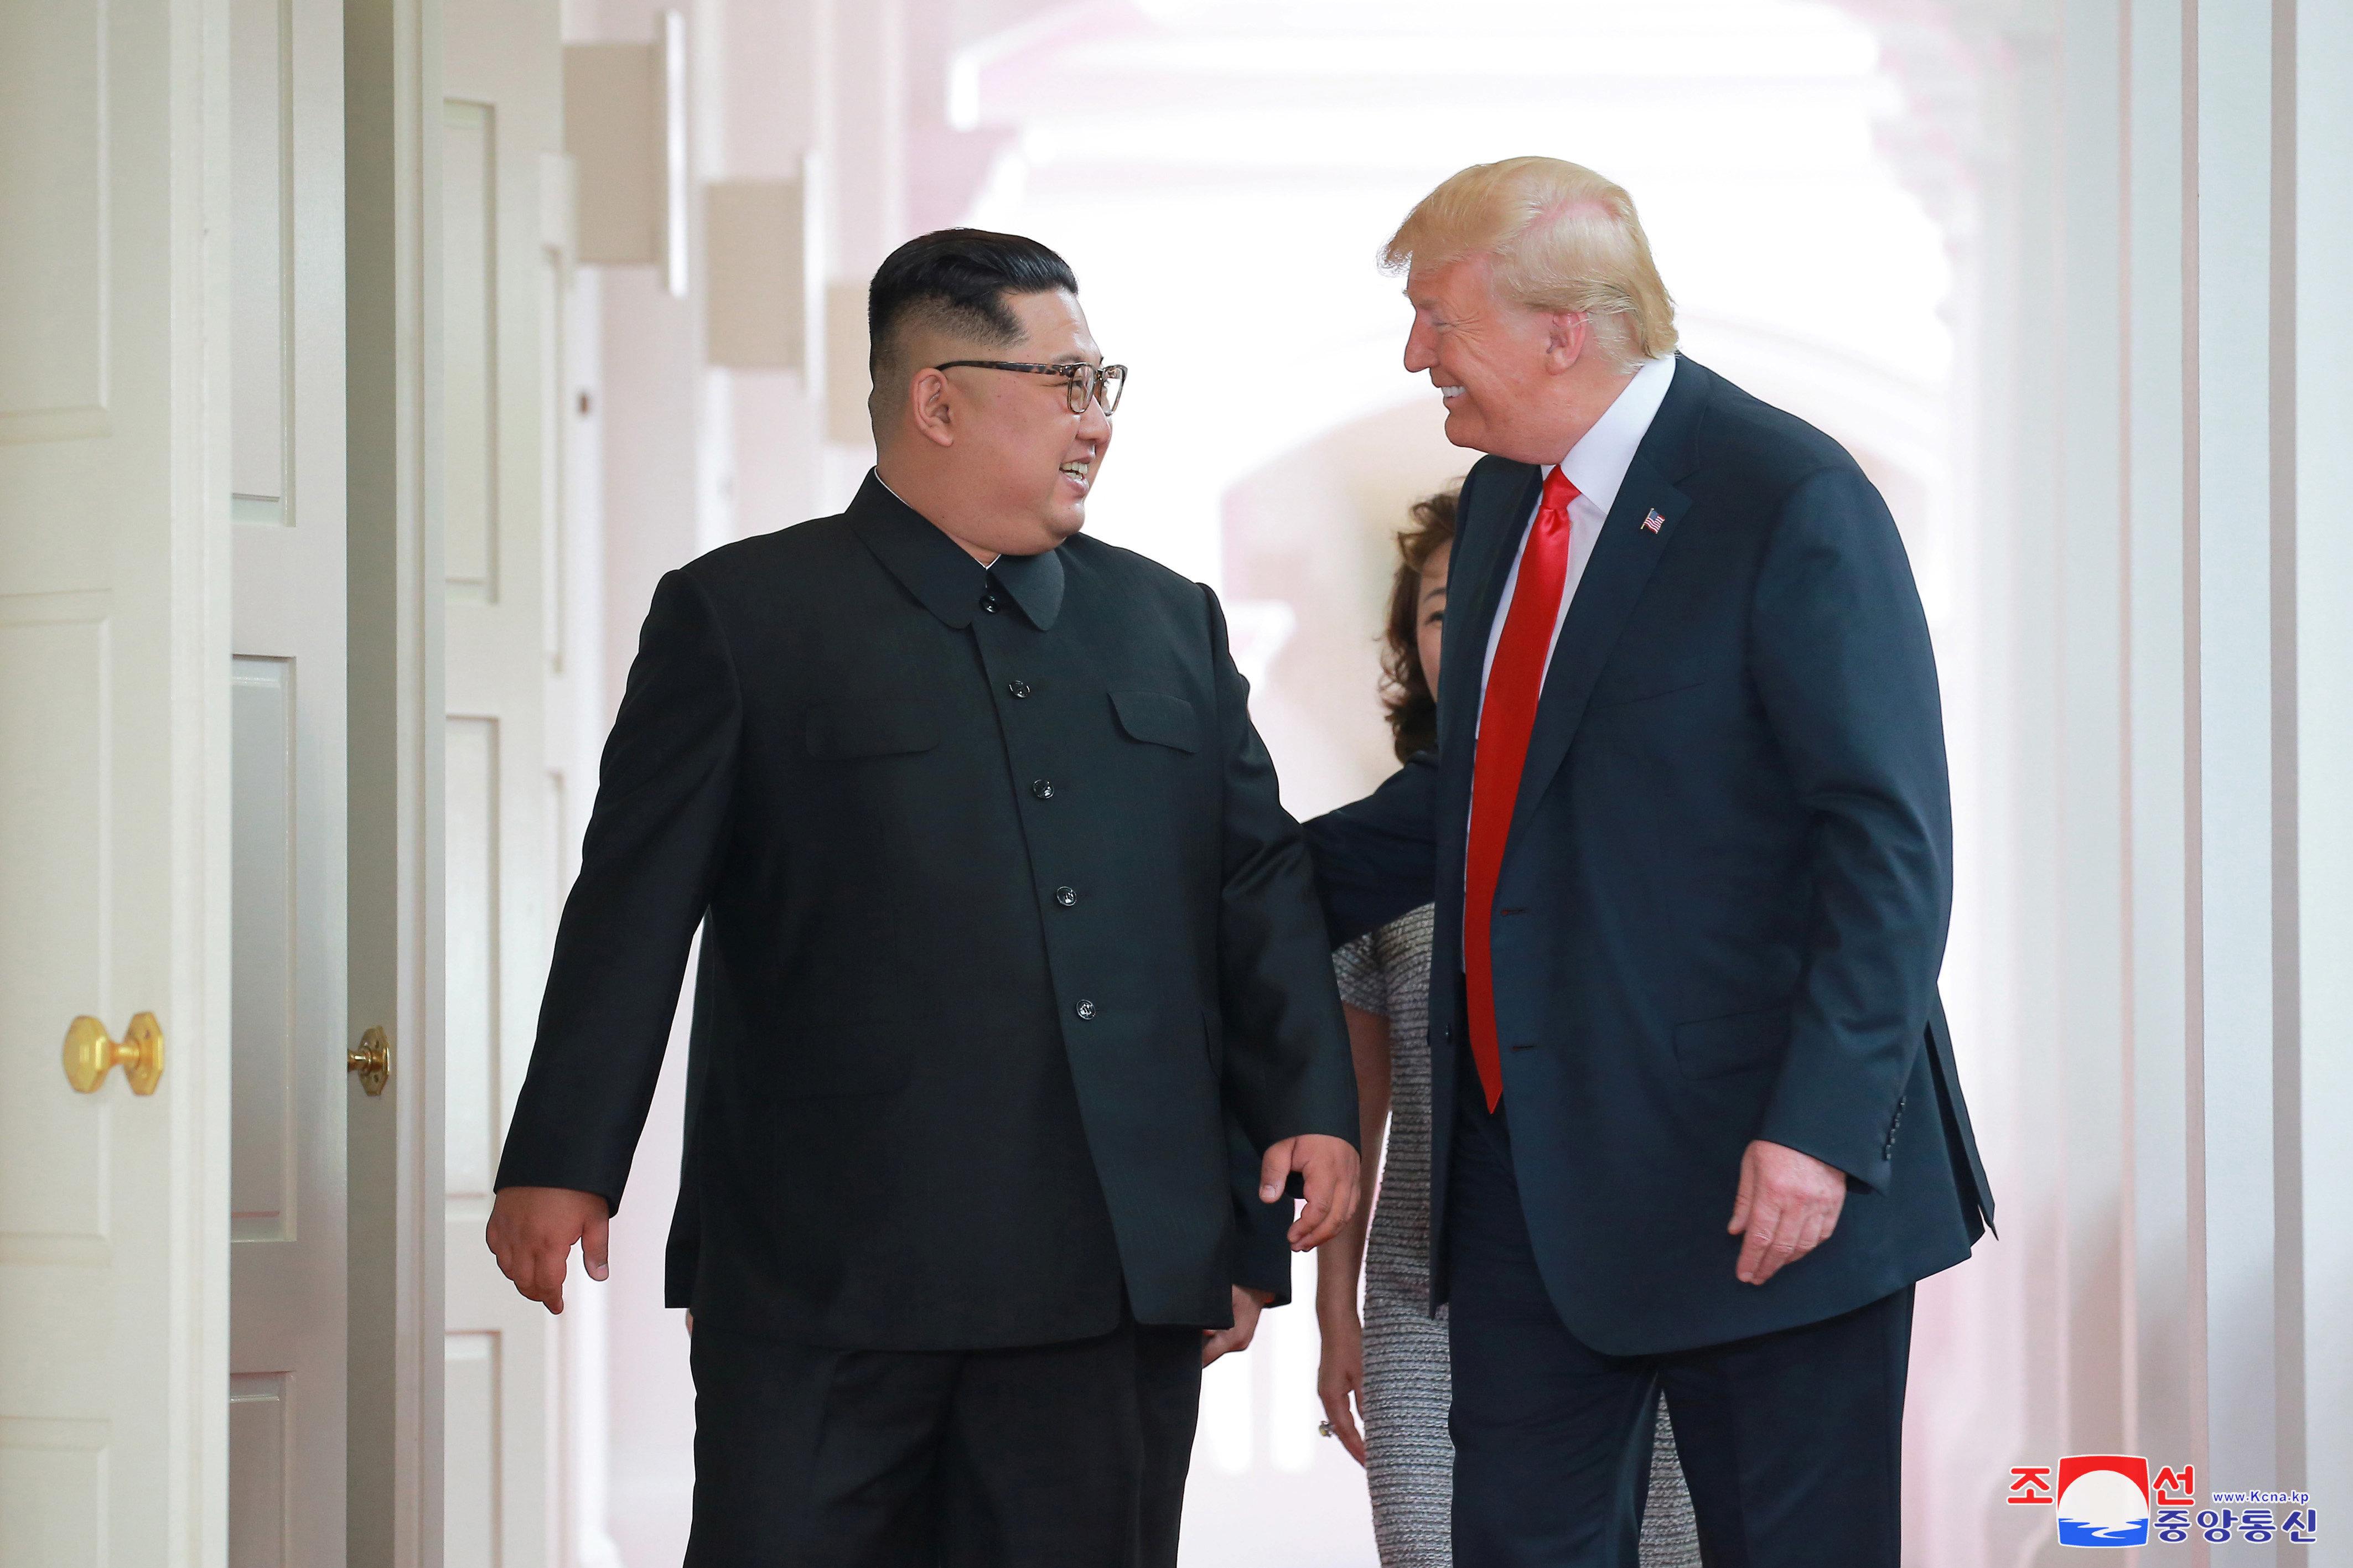 한미연합군사훈련 중단은 북한에 '너무 큰 양보'를 한 걸까?